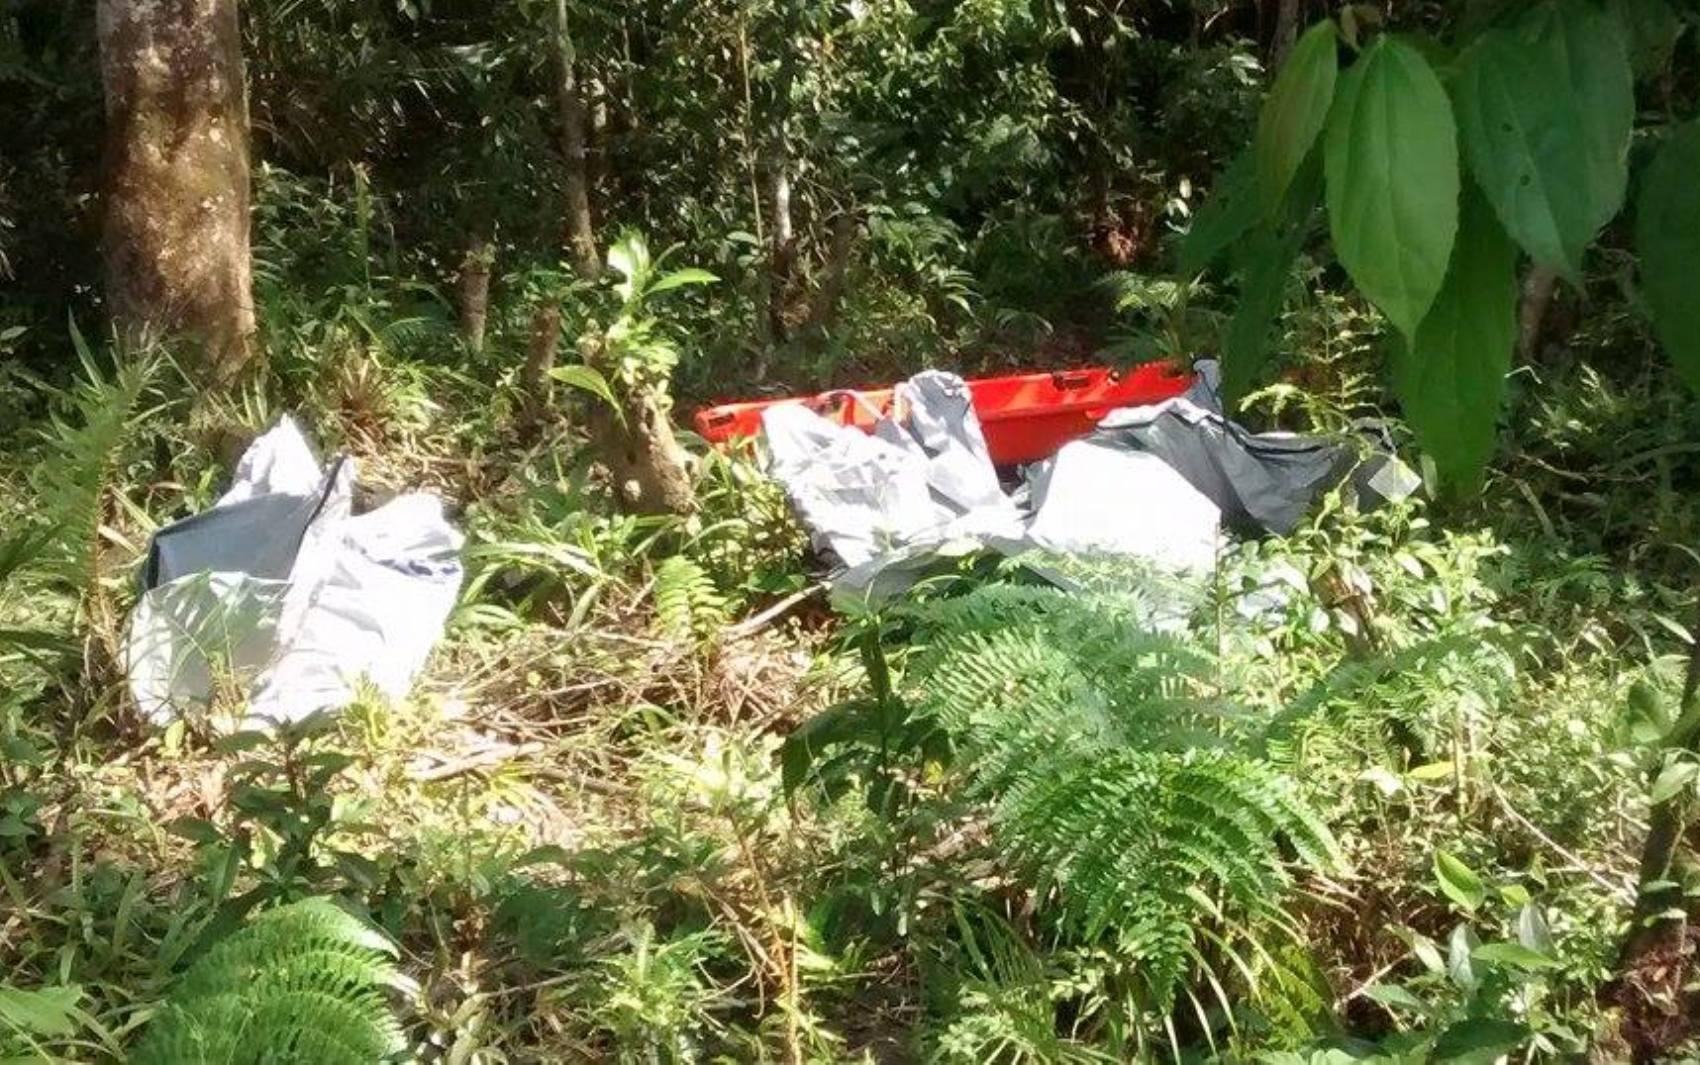 Bombeiros retiraram os corpos de vítimas após acidente aéreo